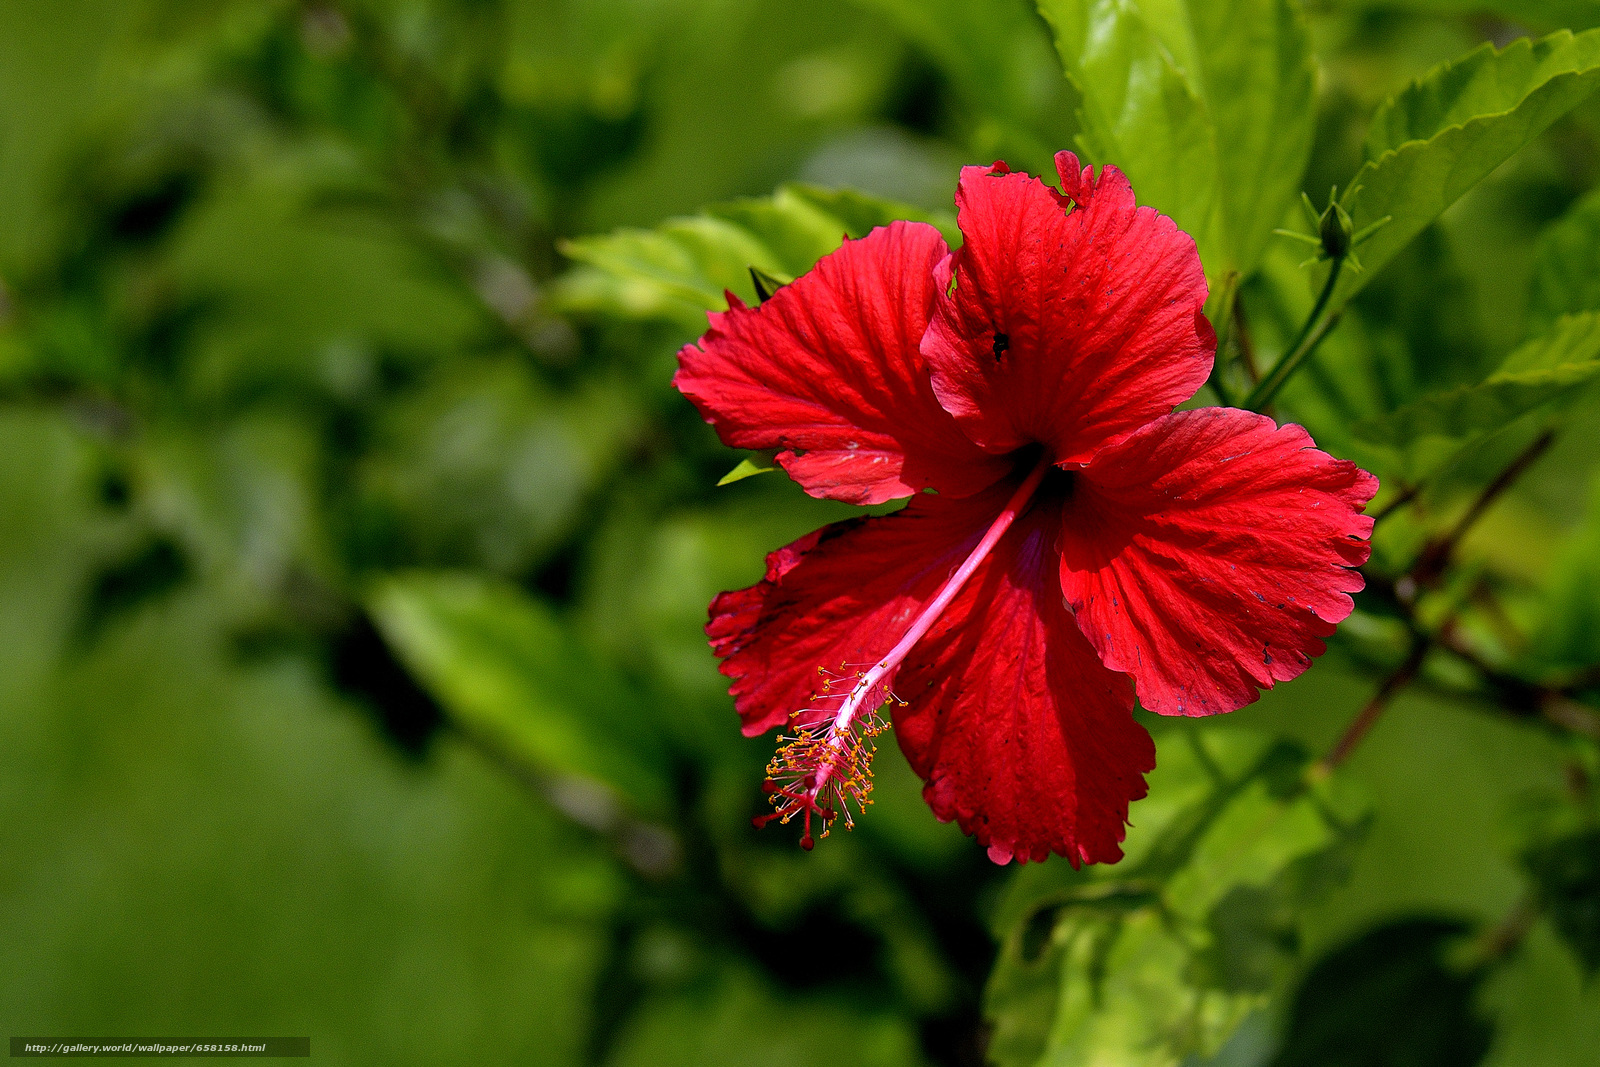 Скачать обои Гибискус,  Hibiscus,  цветы,  цветок бесплатно для рабочего стола в разрешении 4192x2795 — картинка №658158